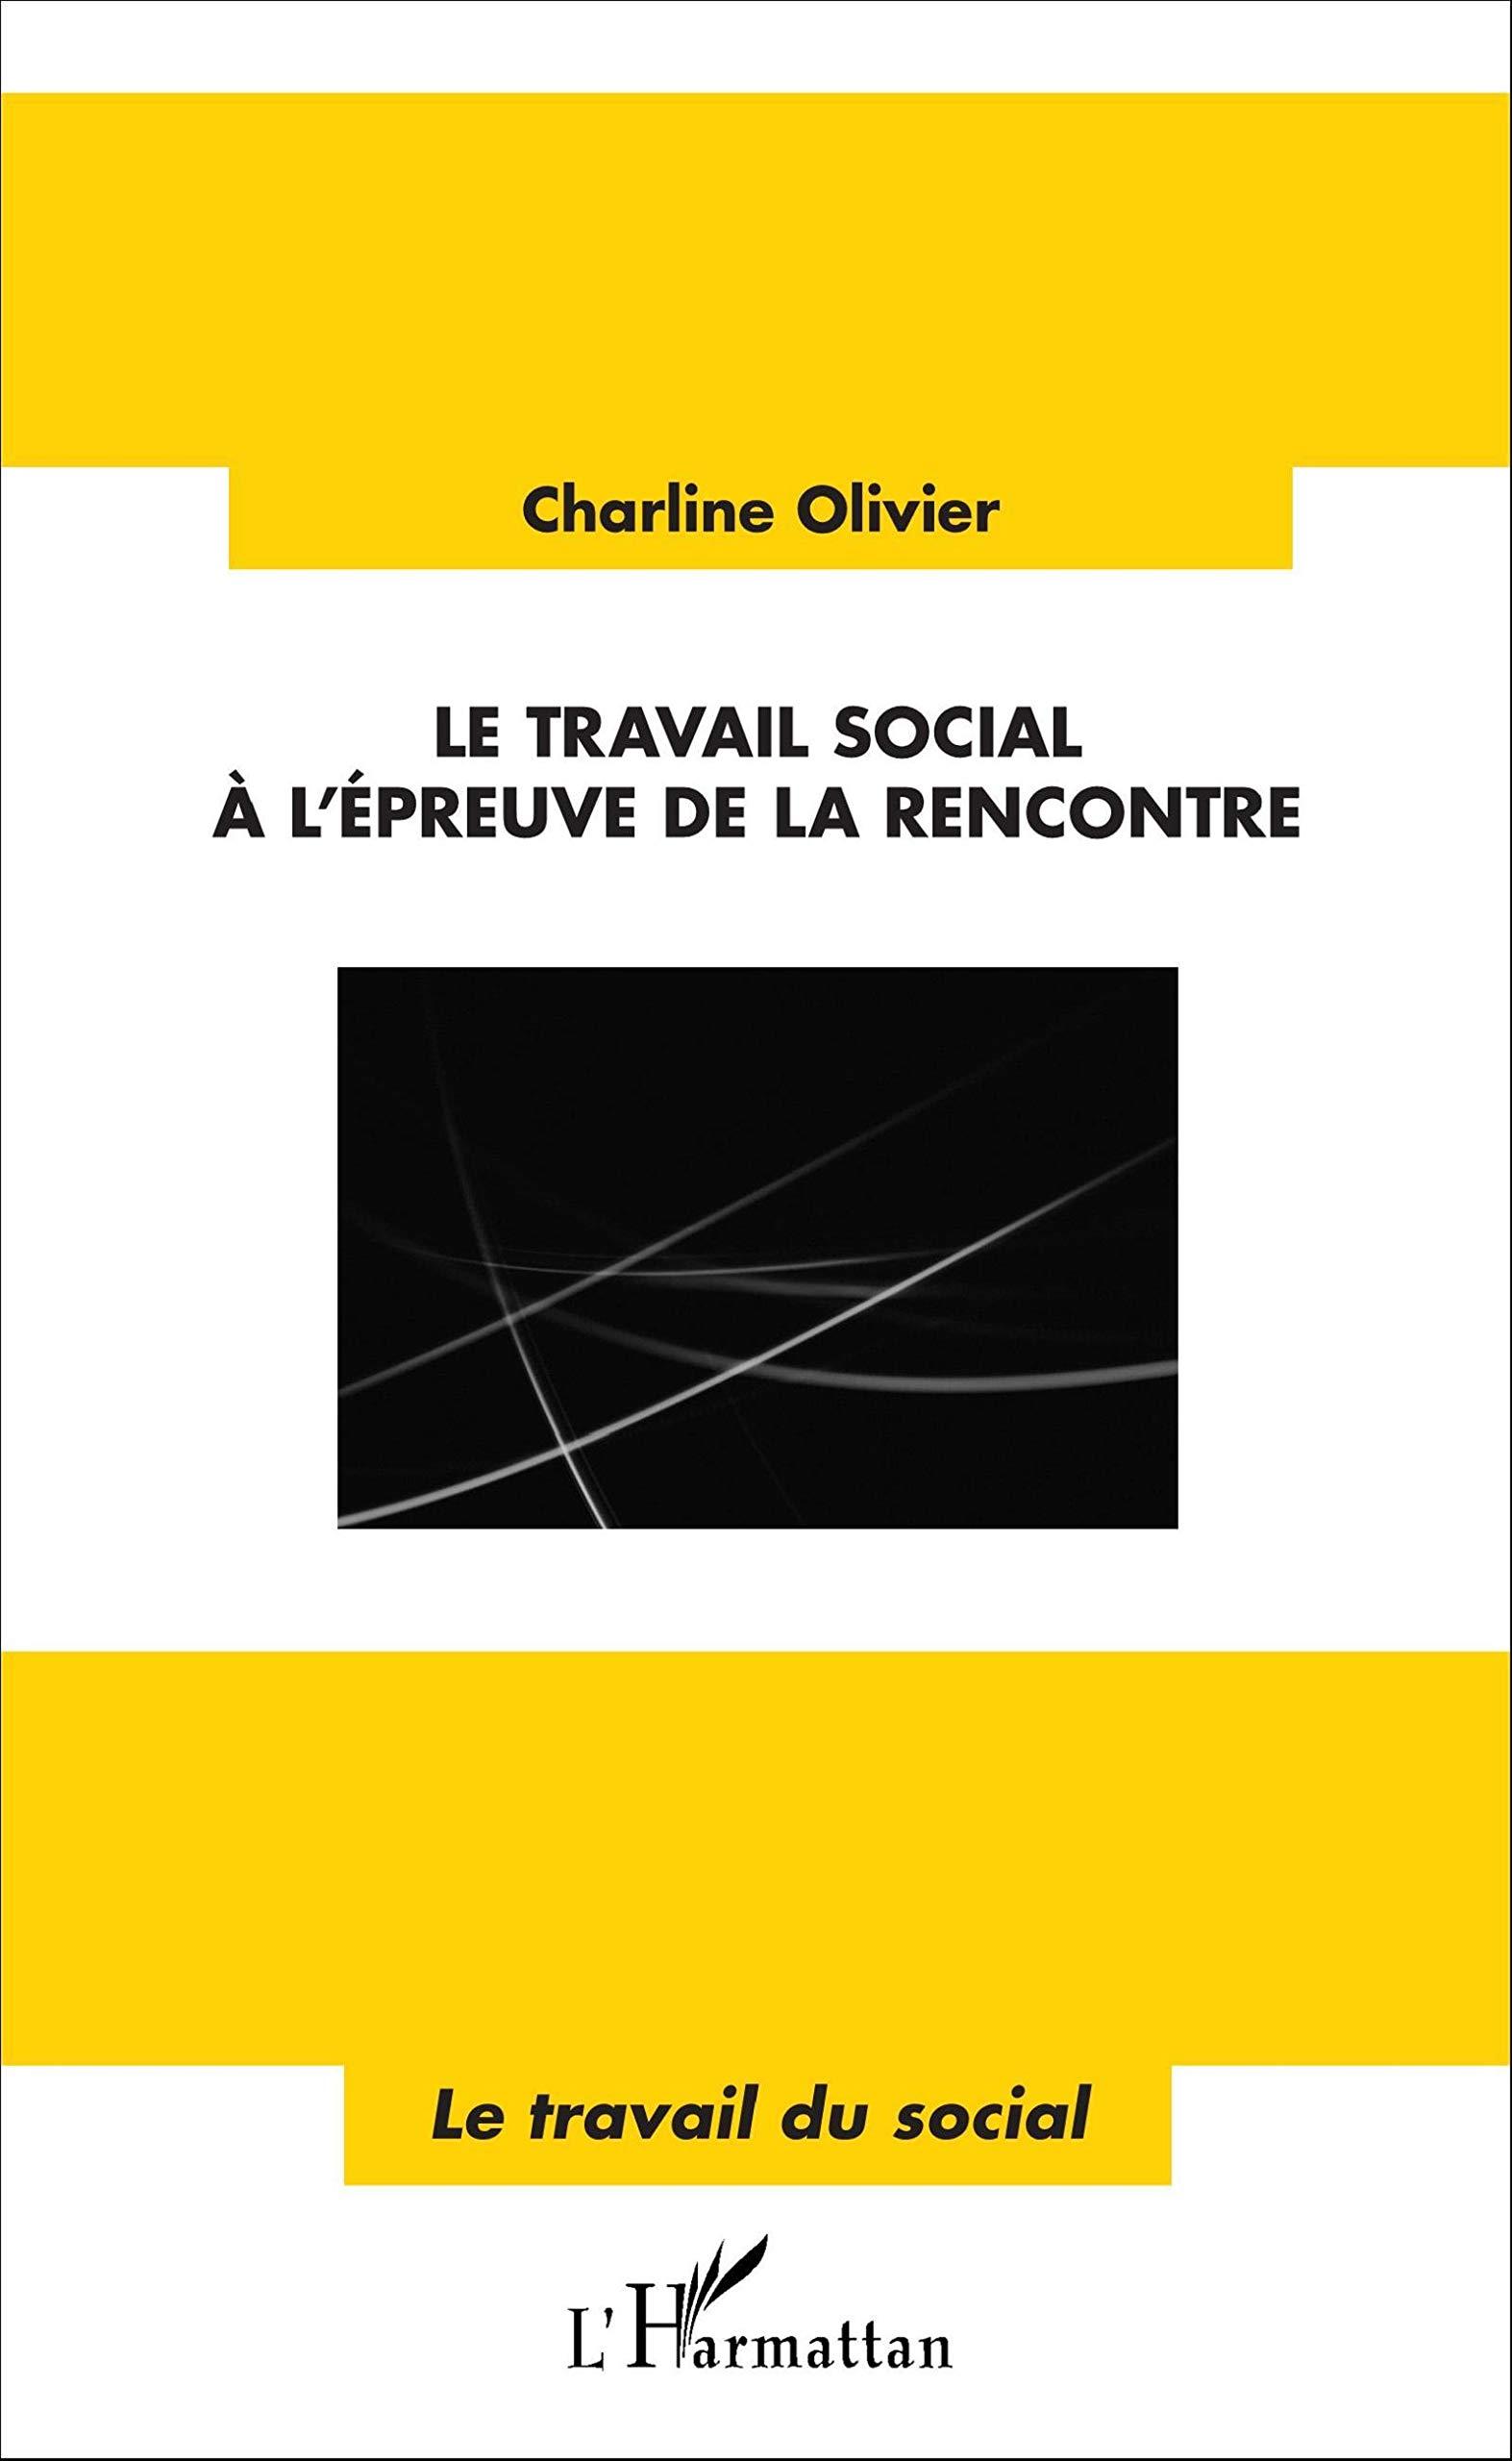 Utopie et rencontre éthique en travail social